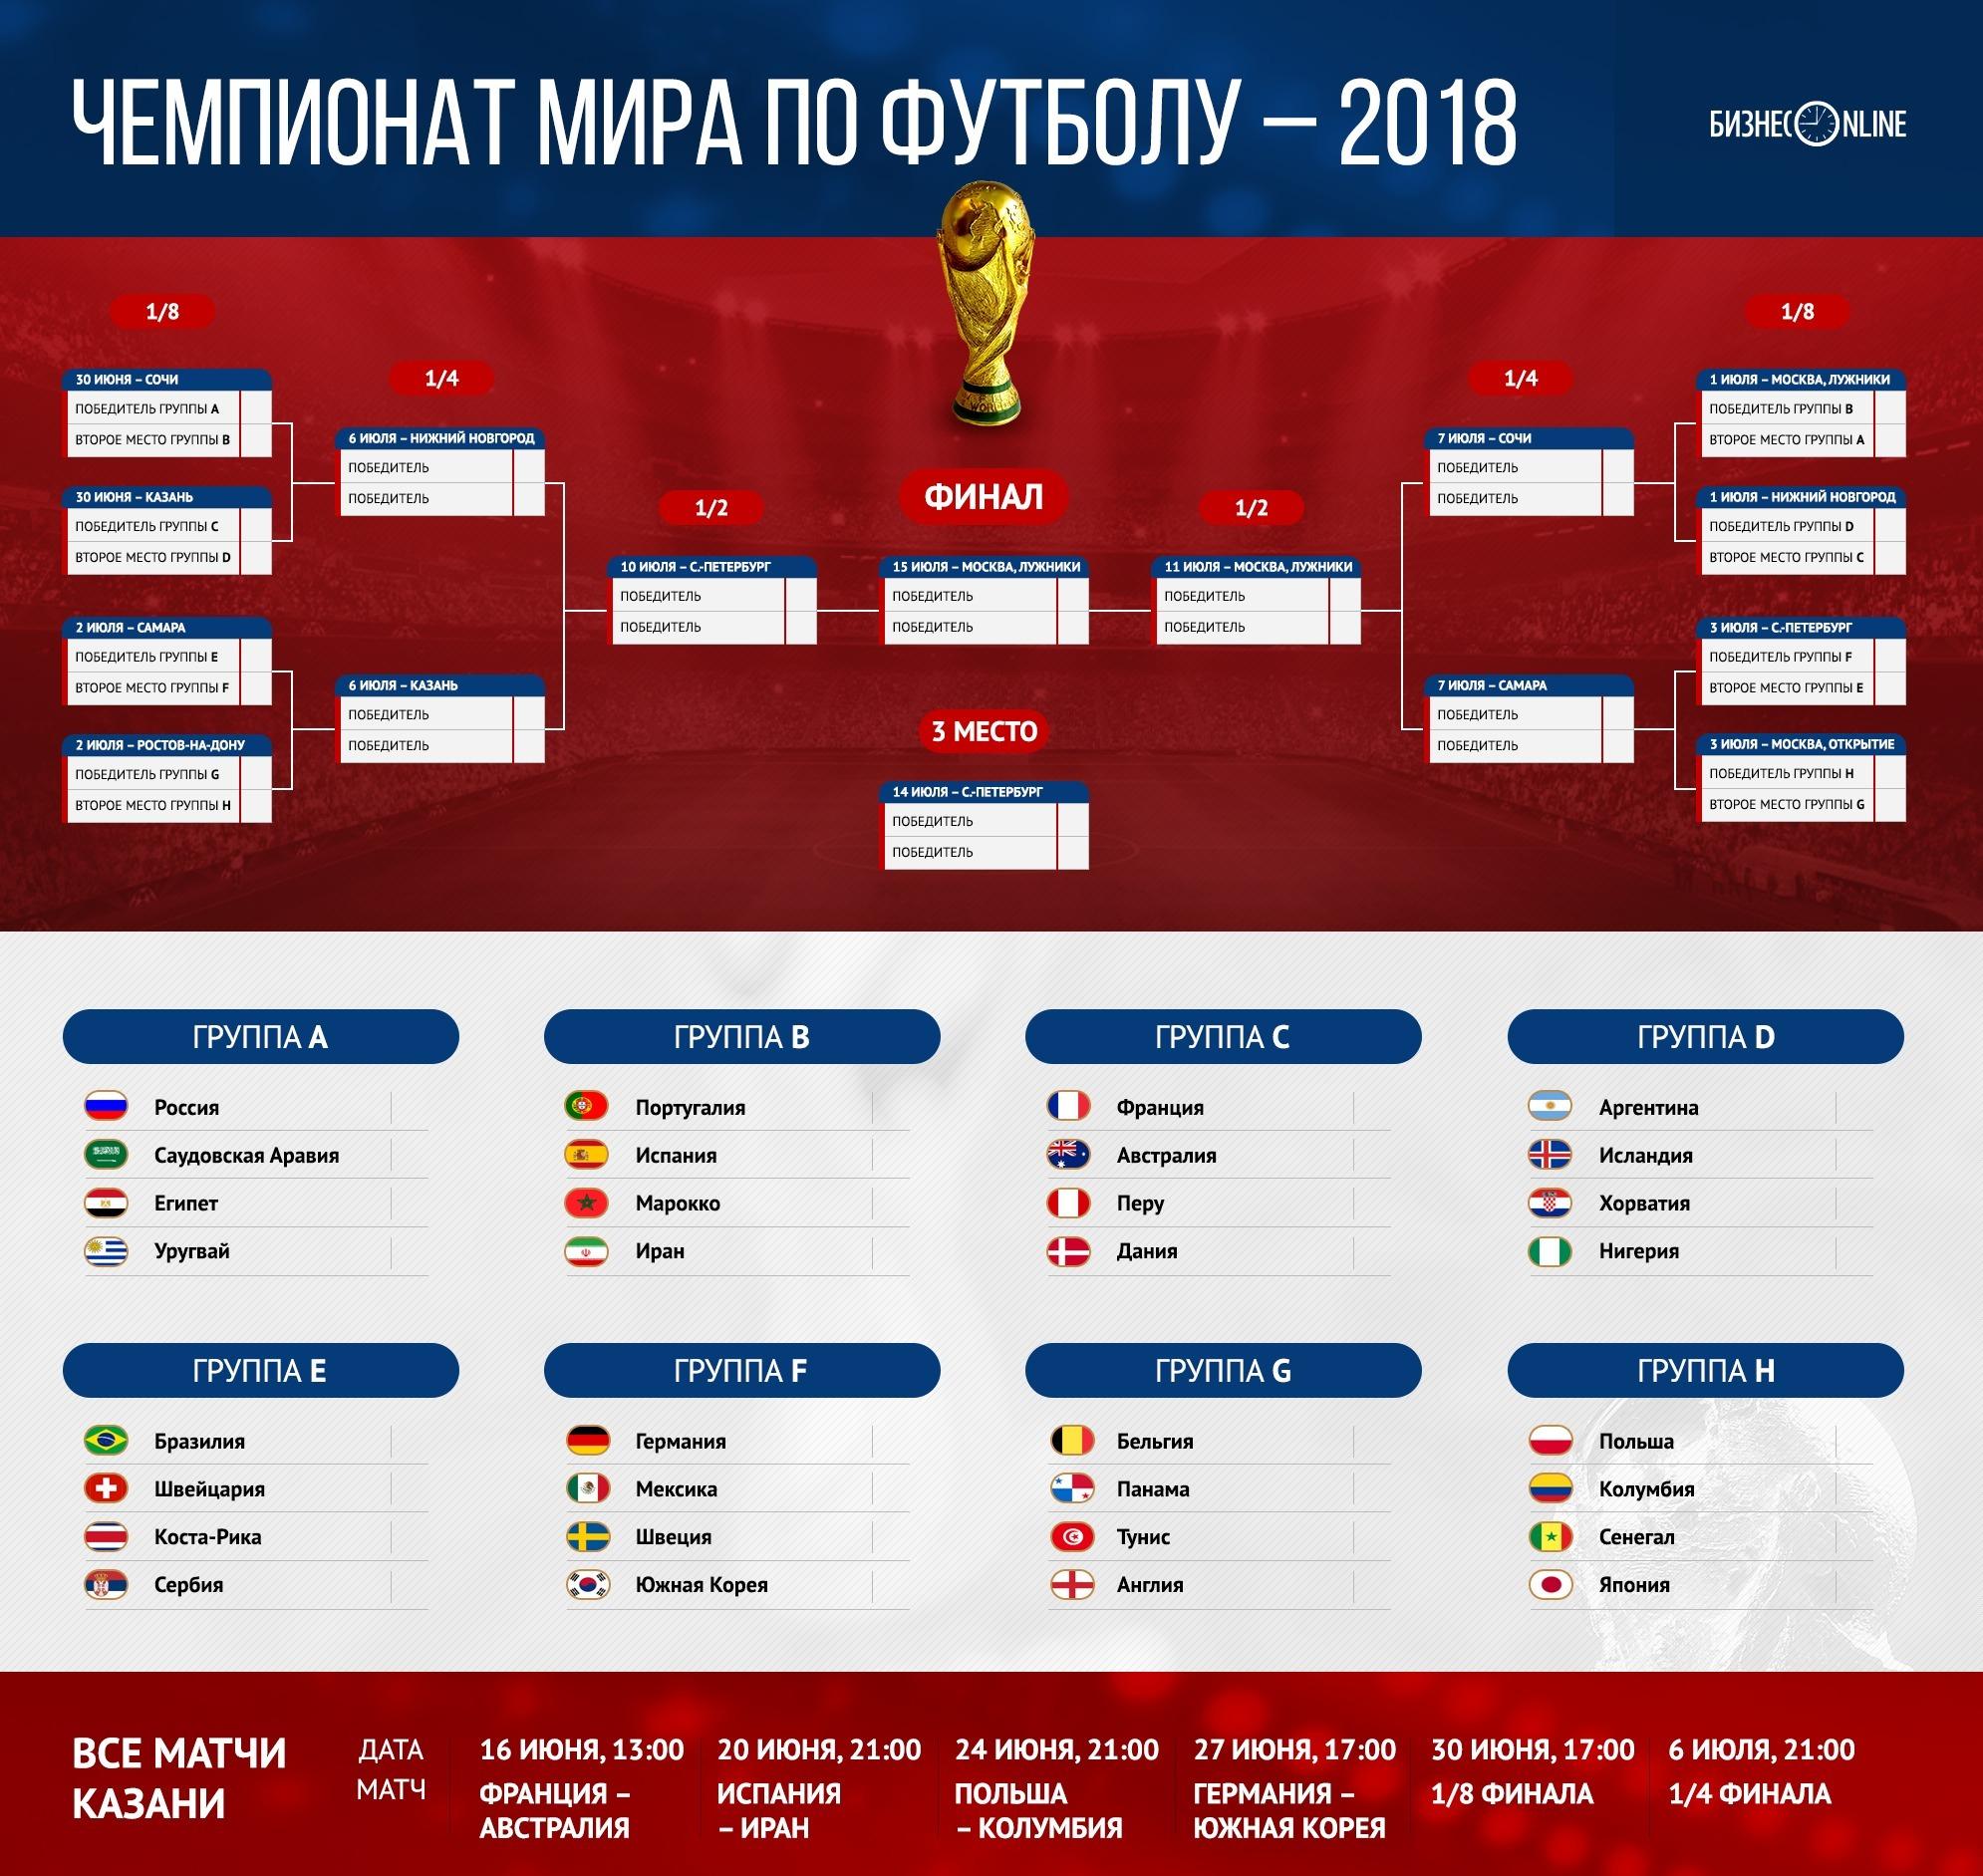 (Россия) Ханой календарь игр чм 2018 по футболу экономических